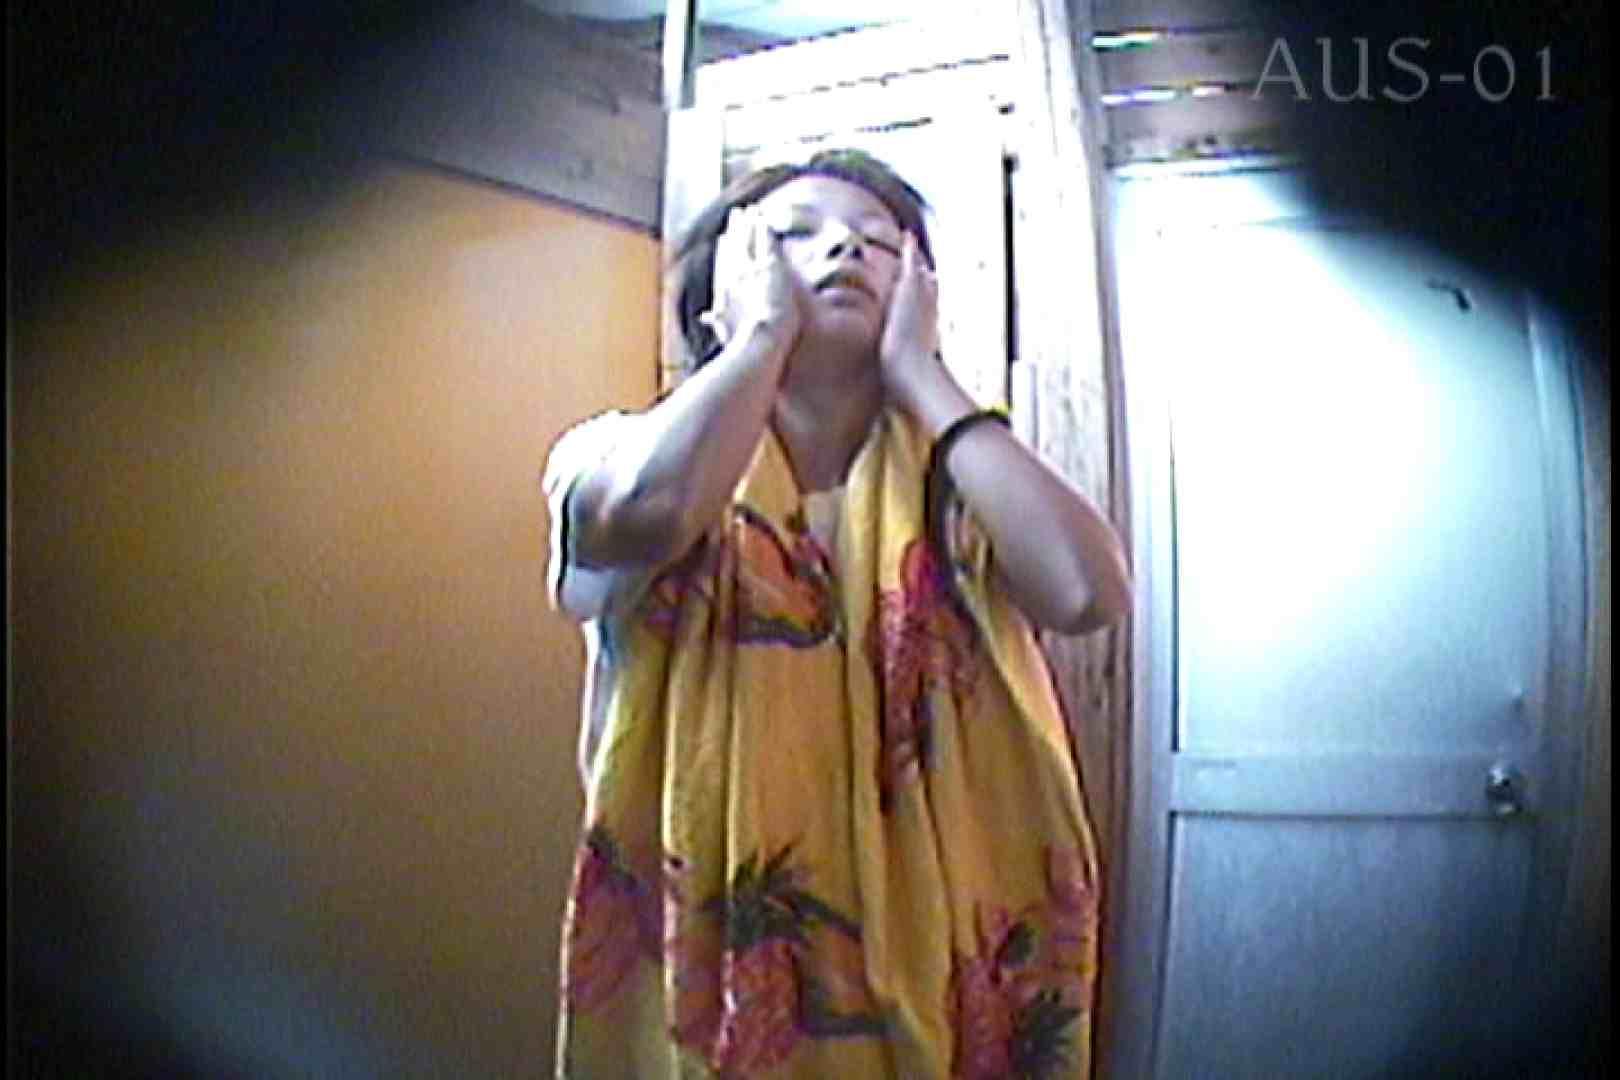 海の家の更衣室 Vol.01 美女 覗きワレメ動画紹介 35pic 5